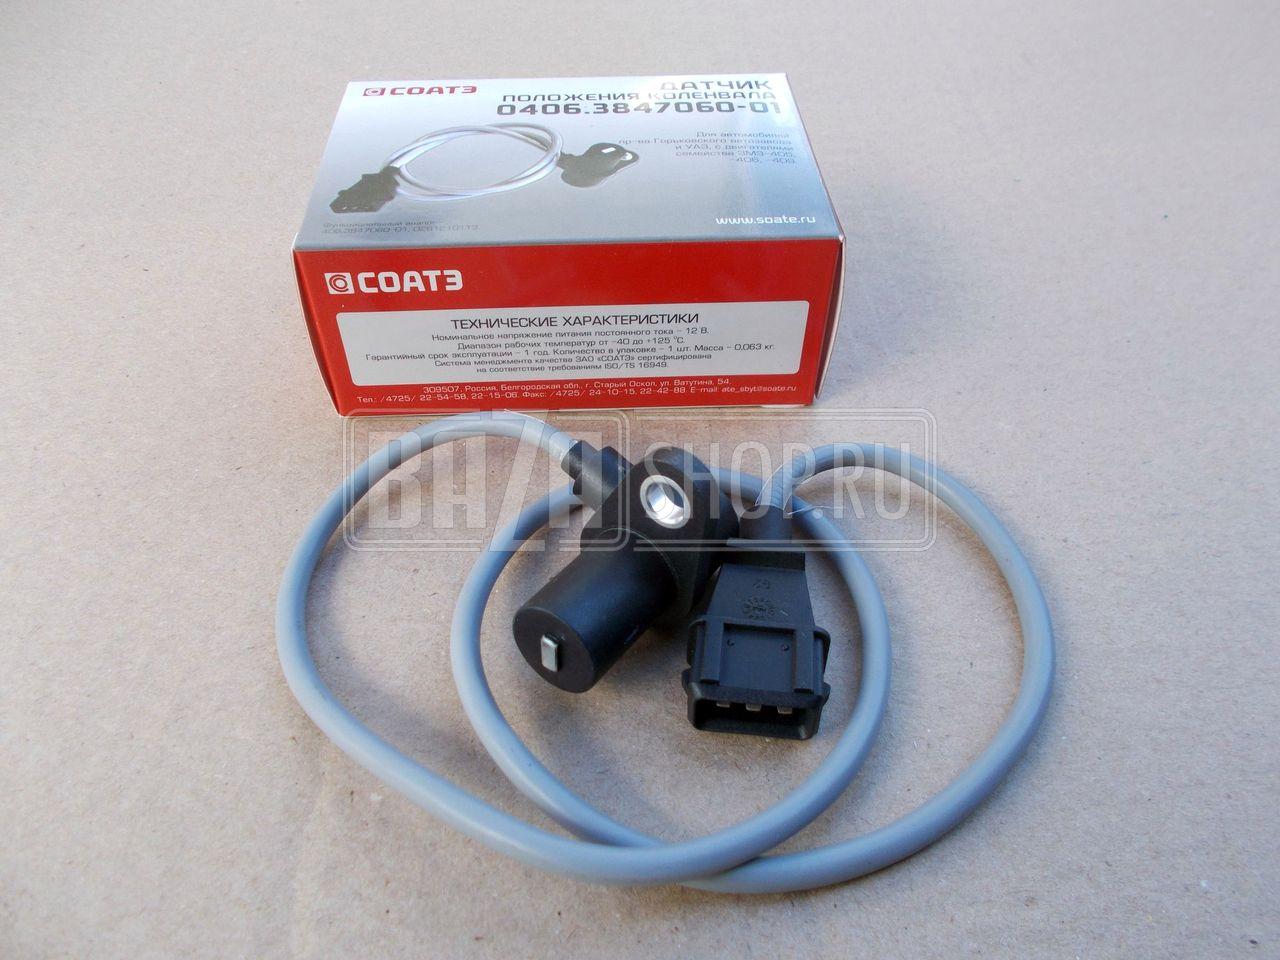 Уплотнения теплообменника КС 40 Тамбов давление гидравлических испытаний пластинчатого теплообменника